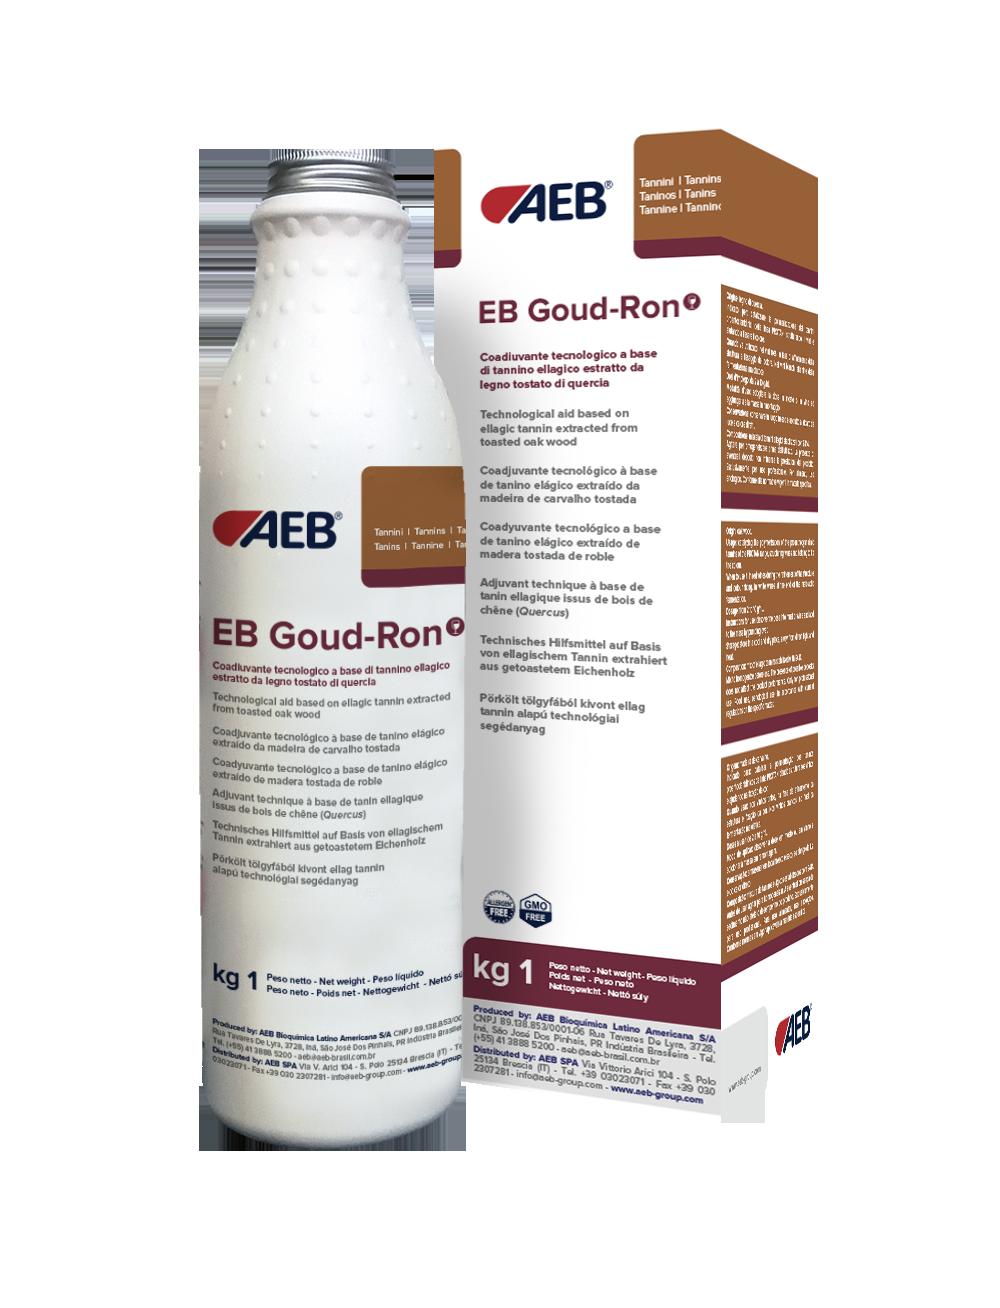 EB Goud-Ron